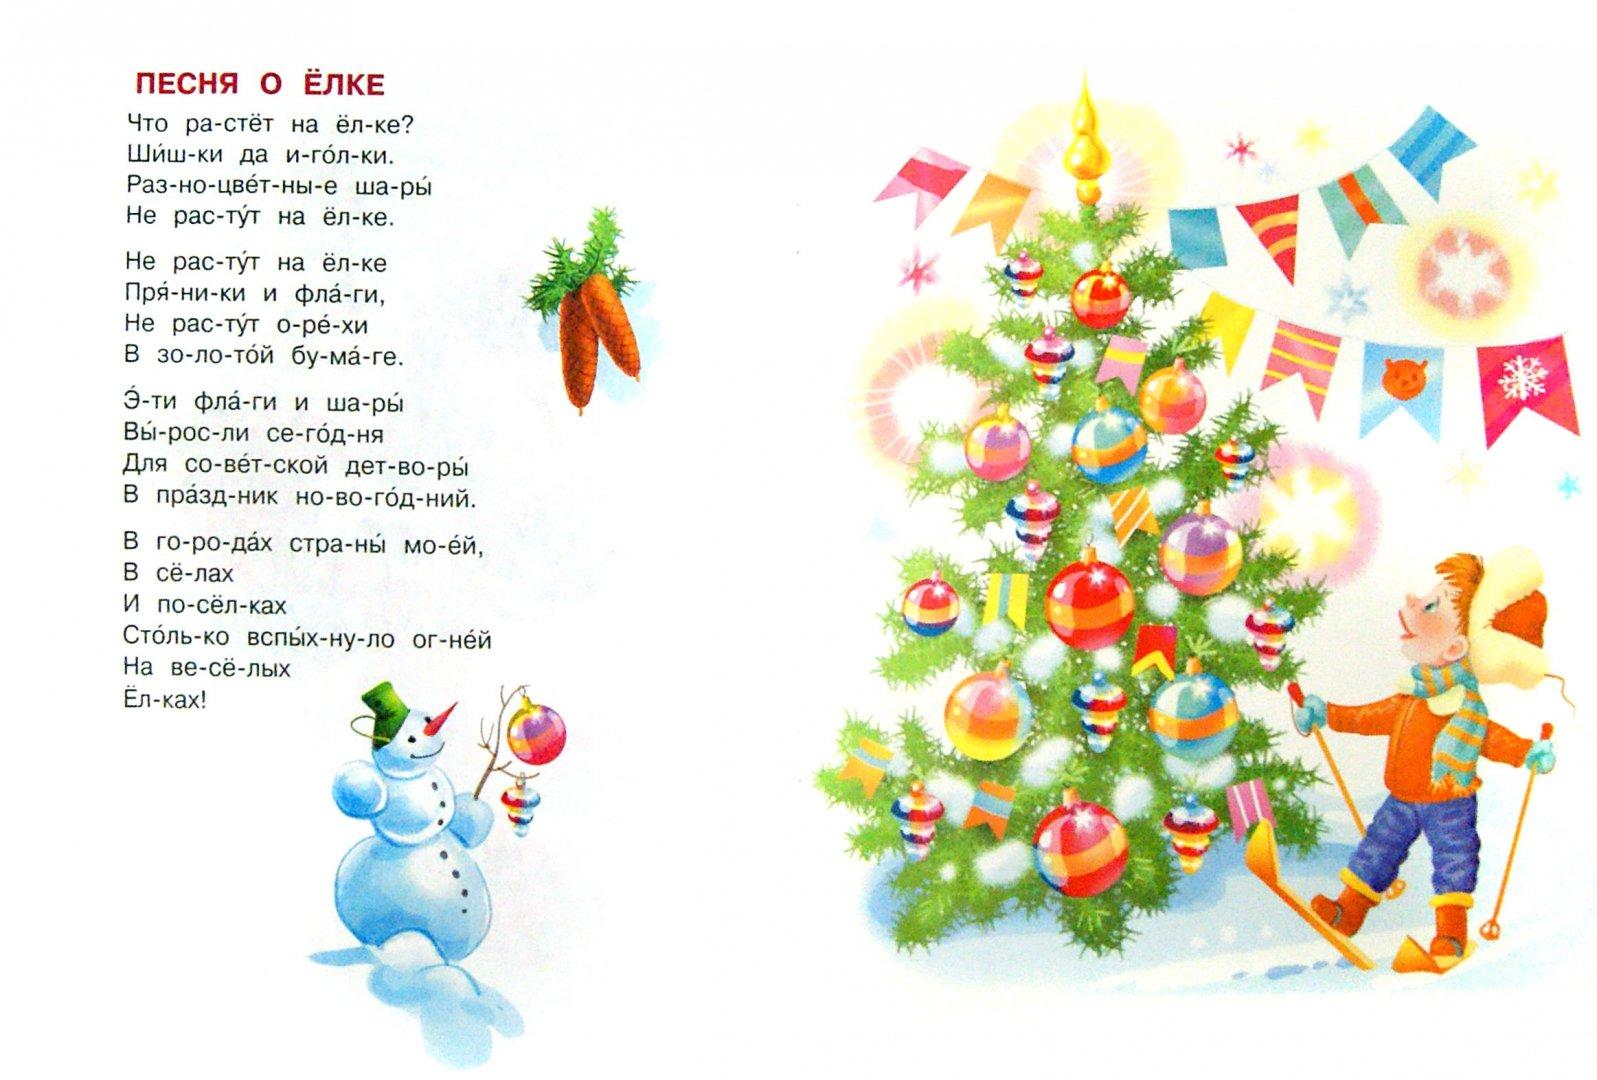 Иллюстрация 1 из 8 для Стихи - Самуил Маршак   Лабиринт - книги. Источник: Лабиринт